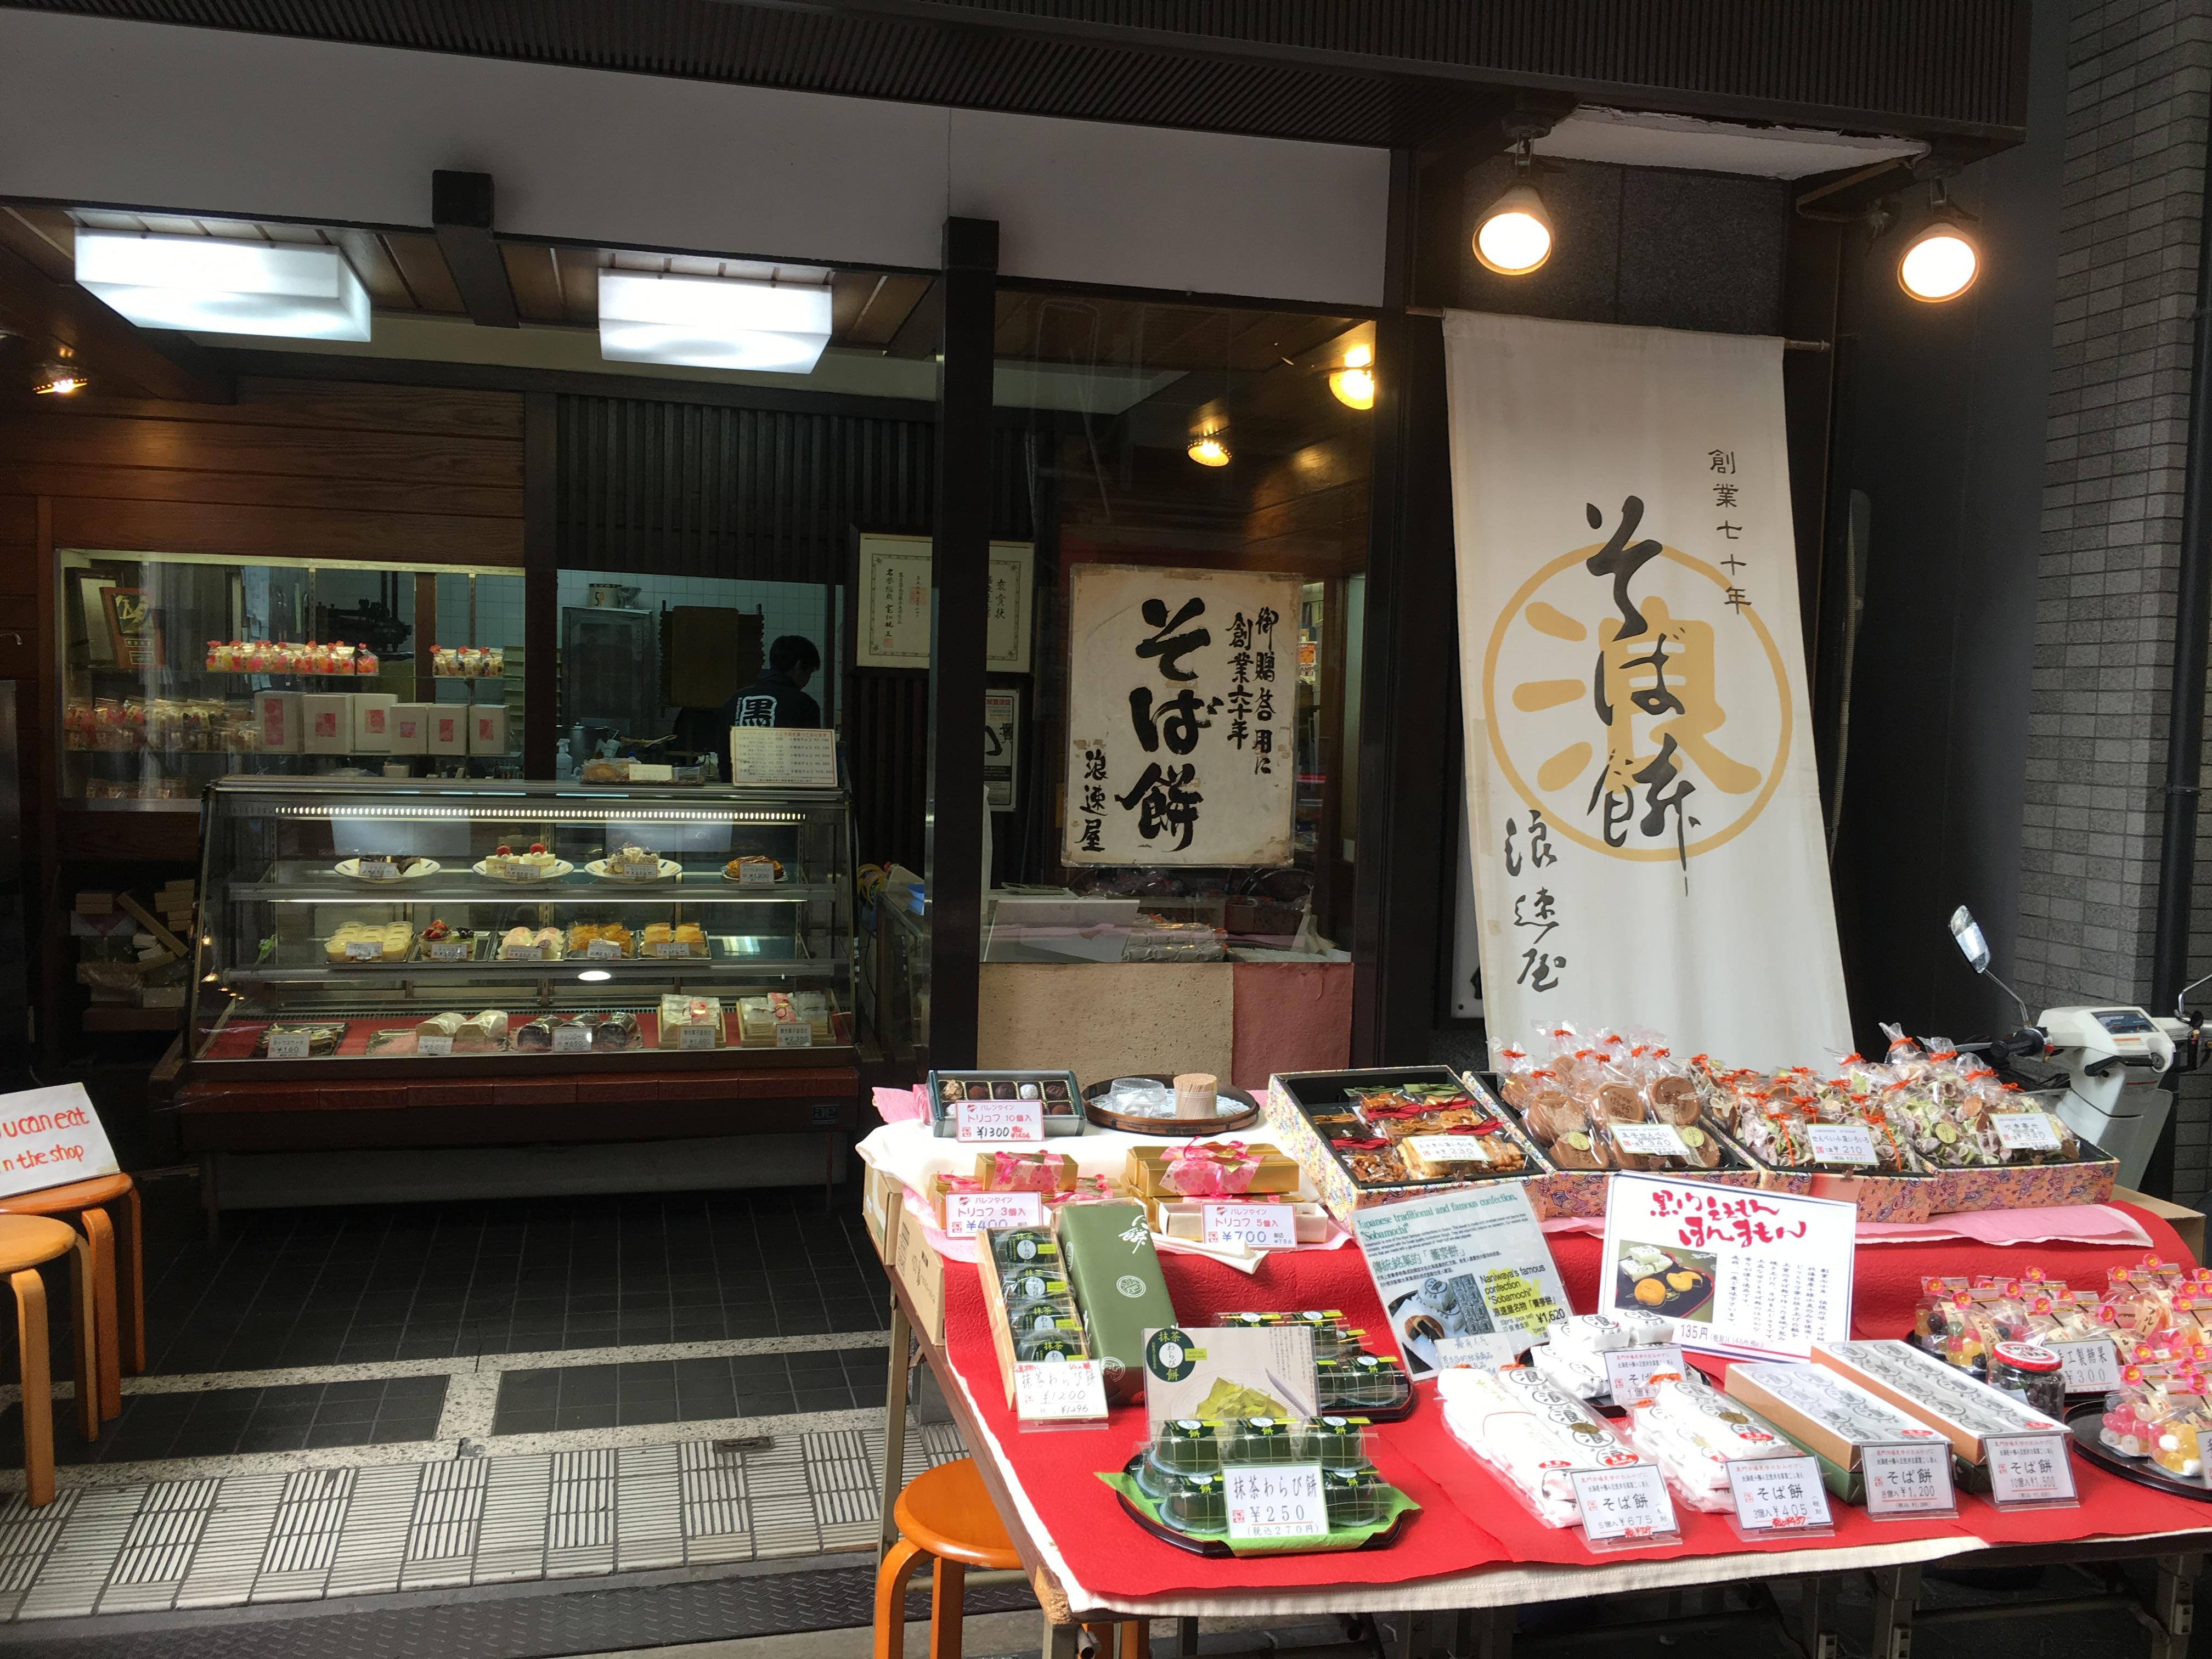 【大阪】浪速屋のそば餅とロールケーキを実食してみた。味や料金は?